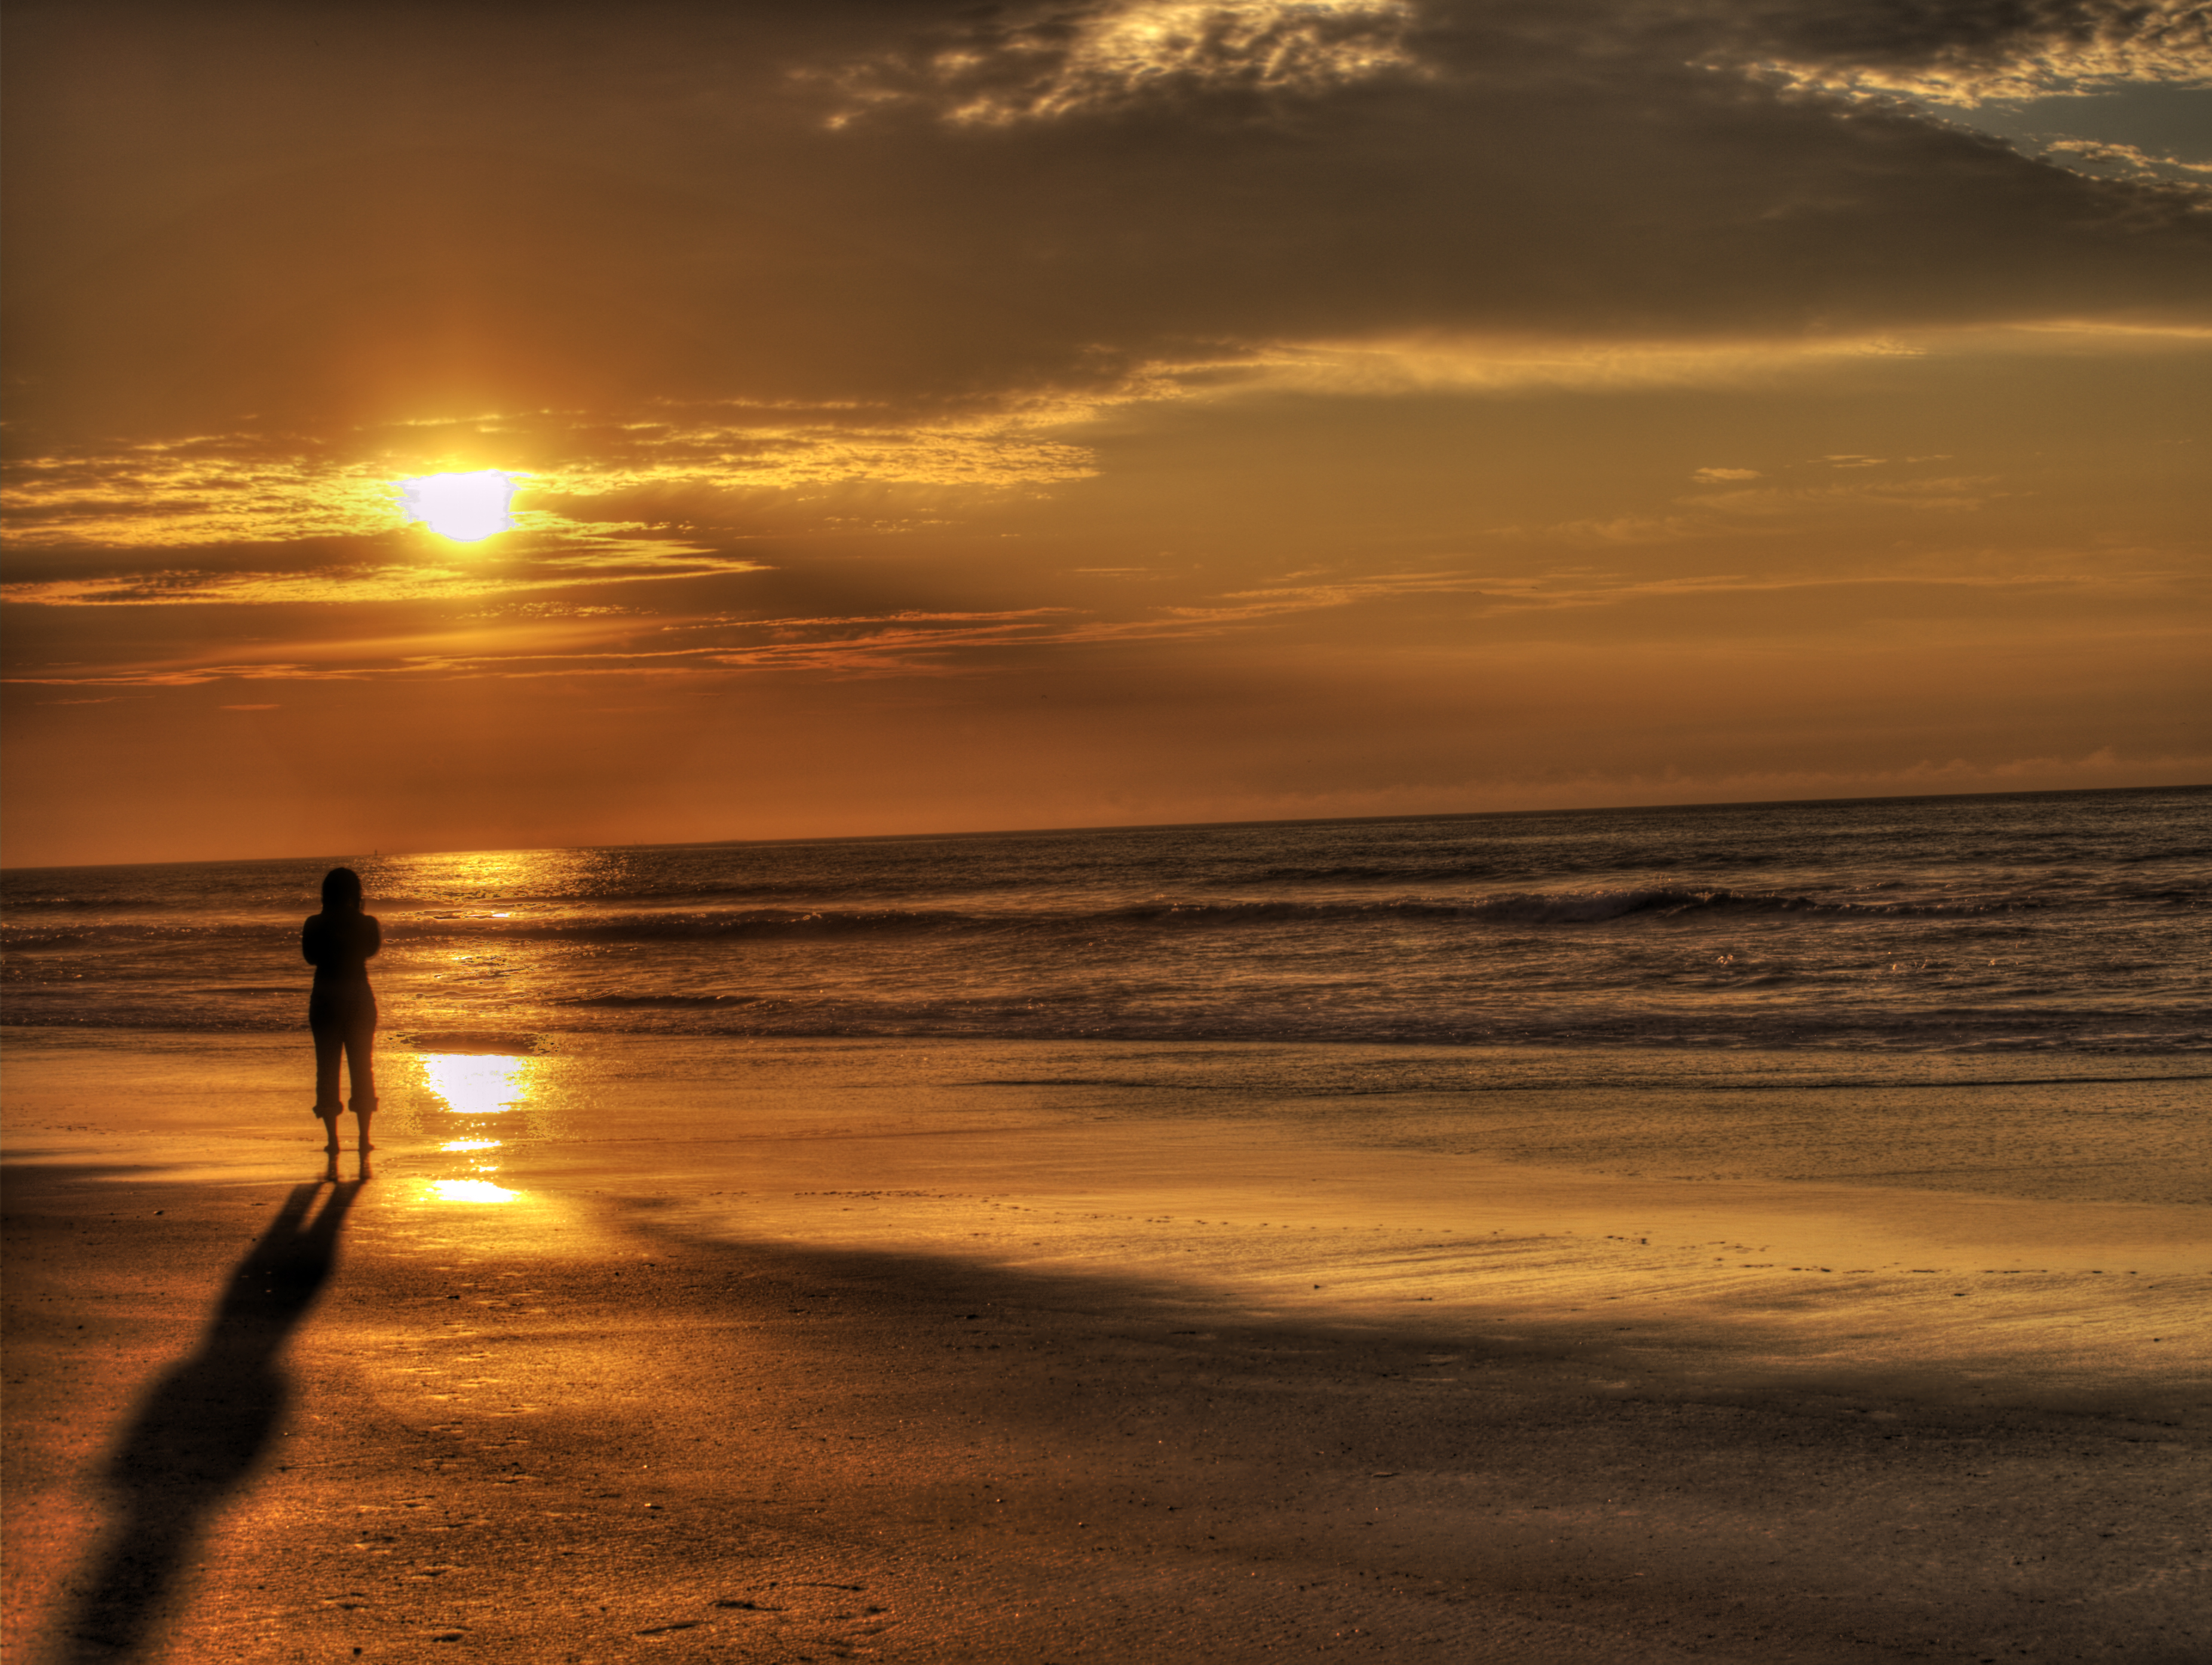 Sunrise On The Beach By DarkPhoenix36 On DeviantArt